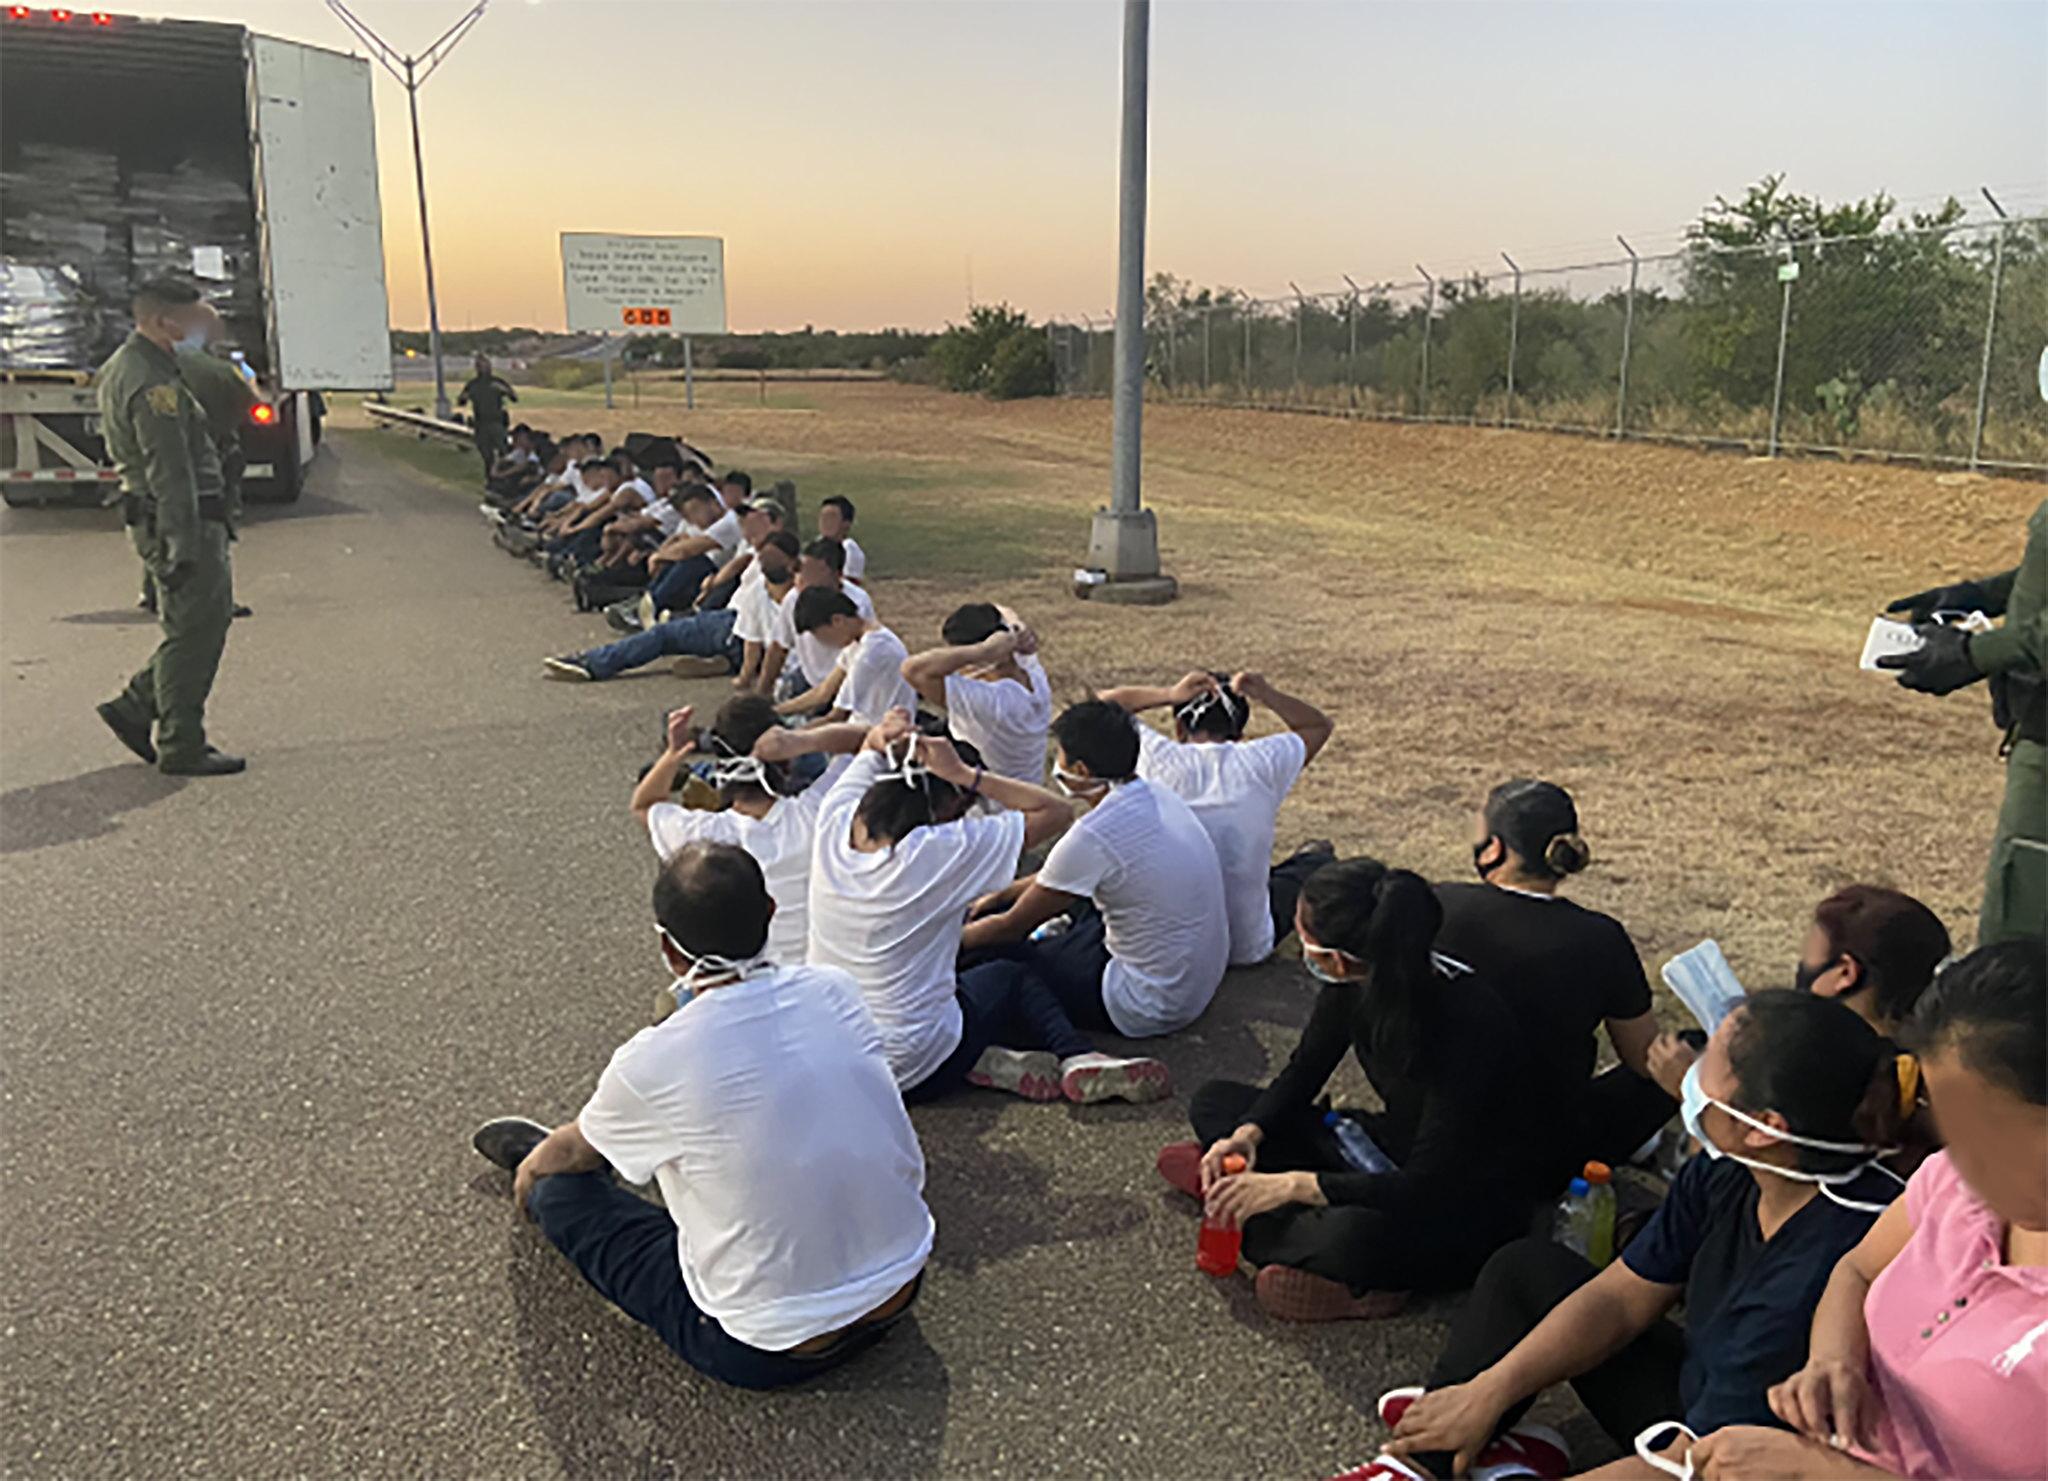 EUA iniciam operação de expulsão em massa de imigrantes no Texas